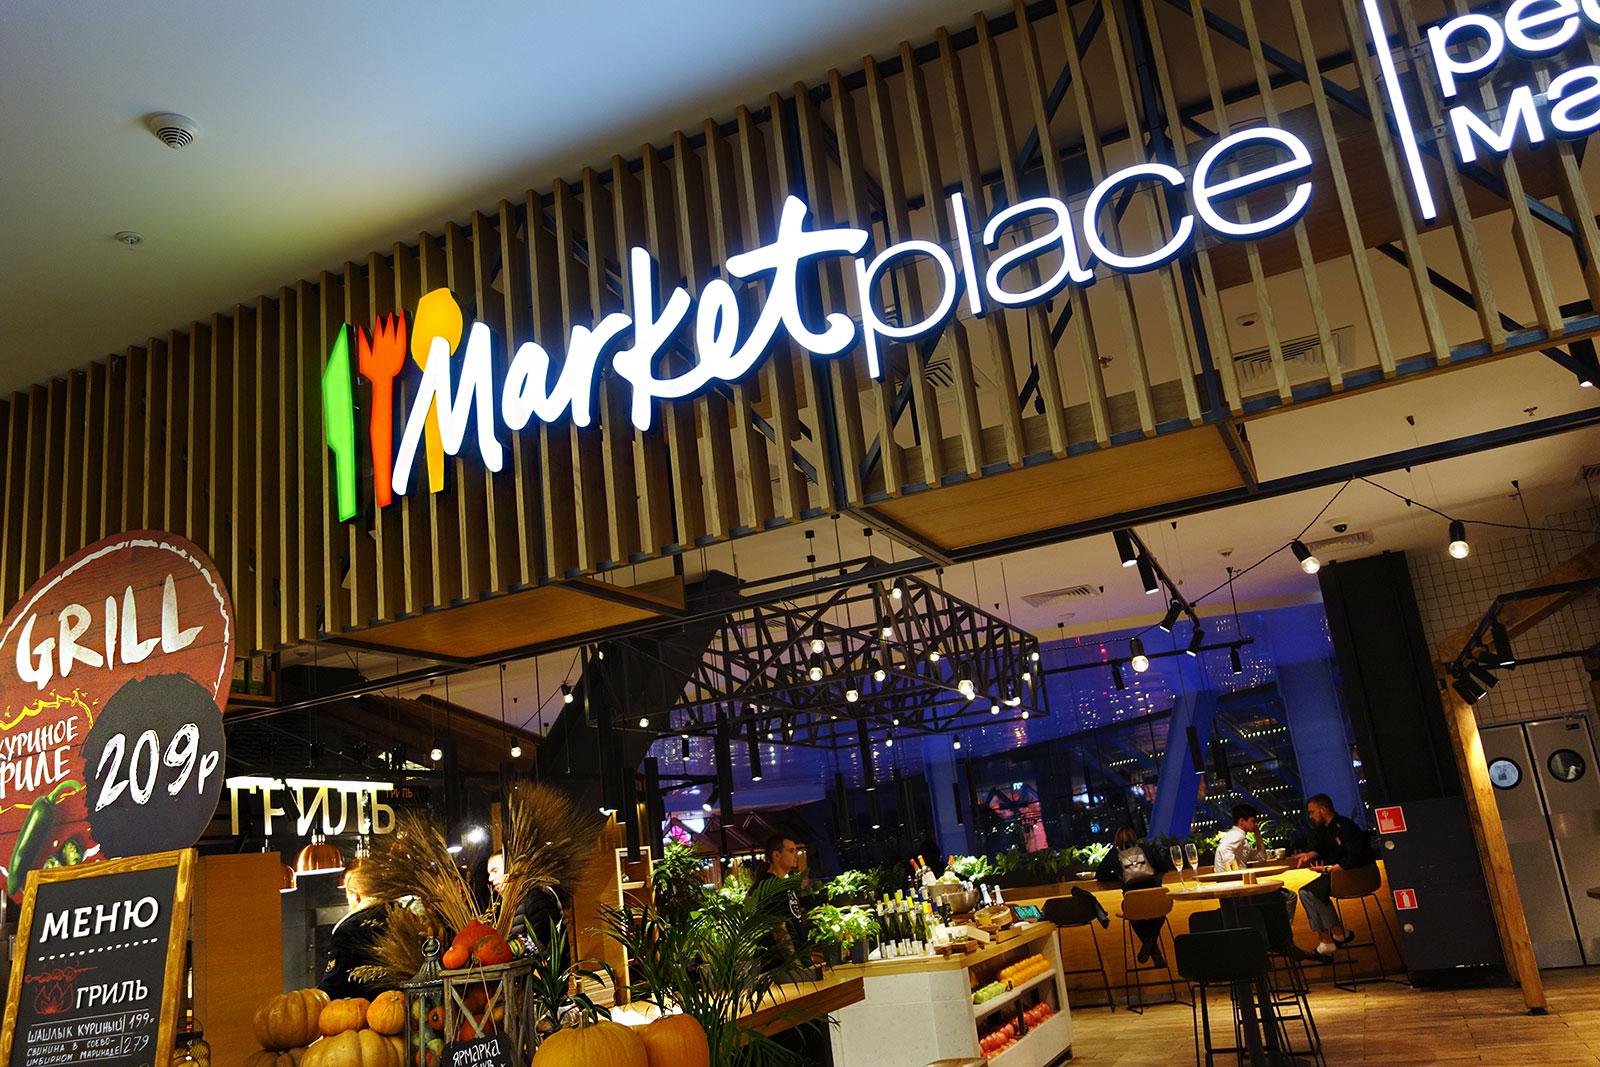 Брендинг и система навигации второго московского ресторана сети Marketplace